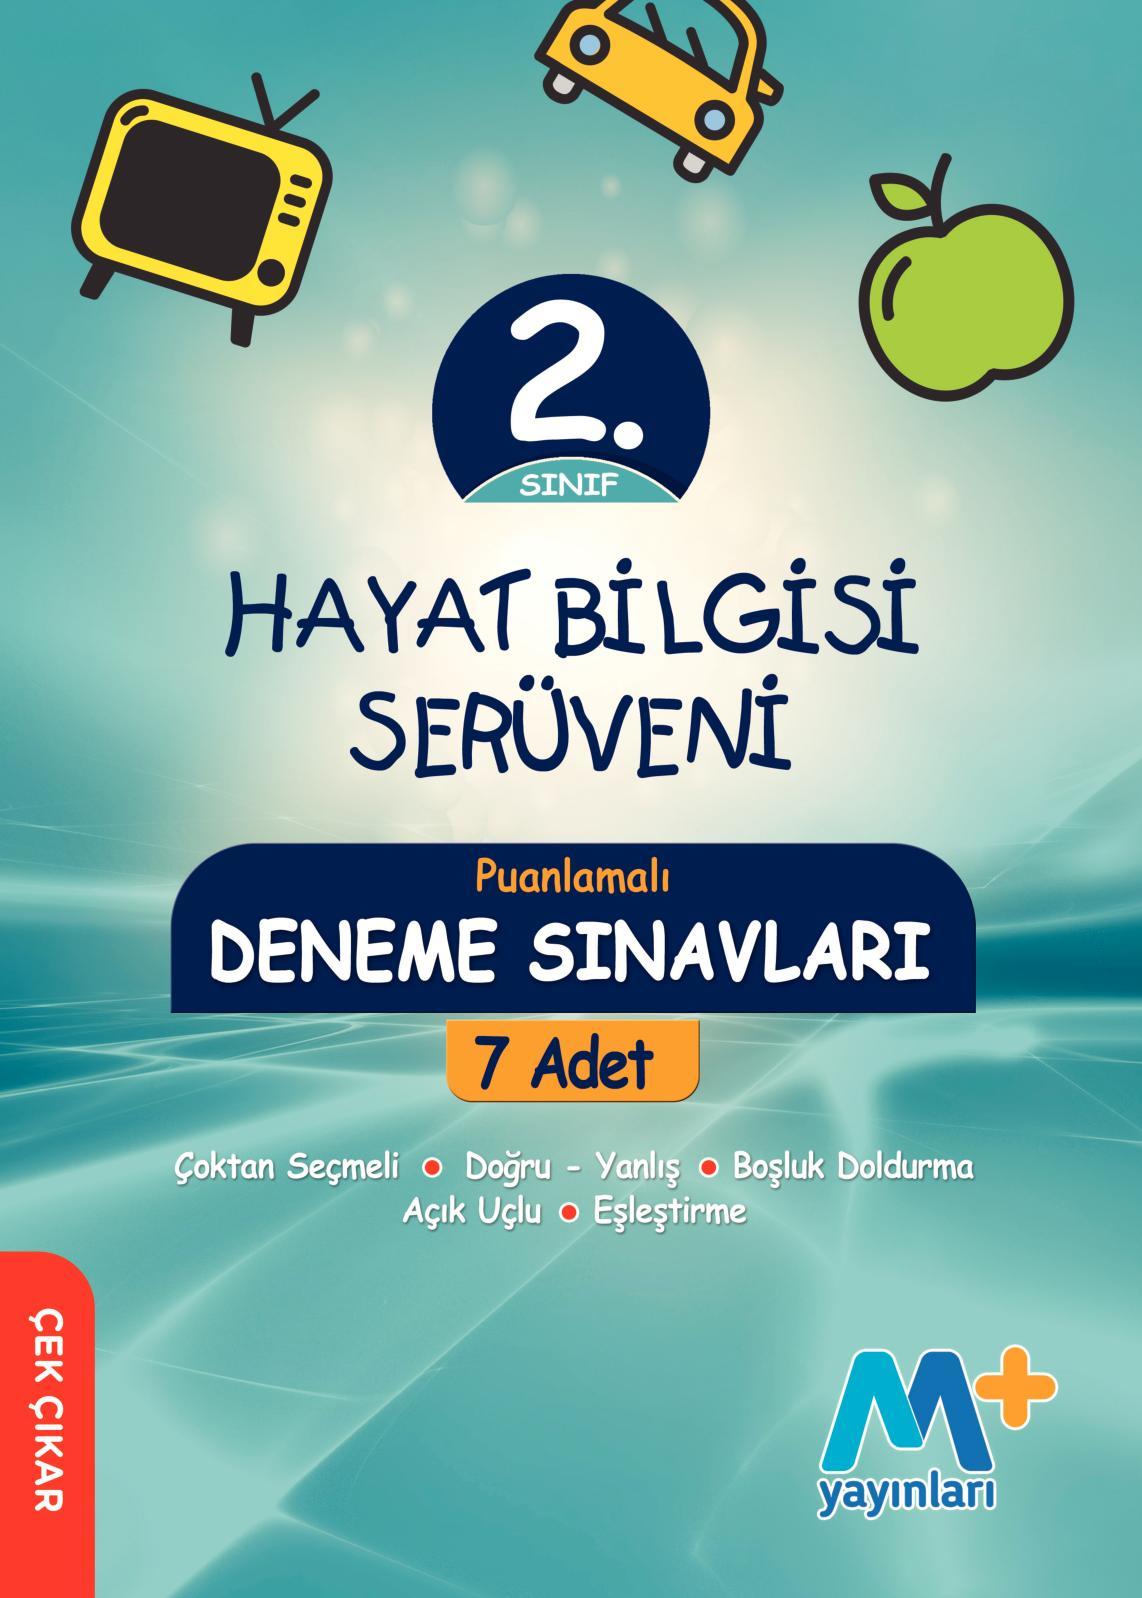 2. Sınıf Hayat Bilgisi Deneme Kitabı Serüven Seti